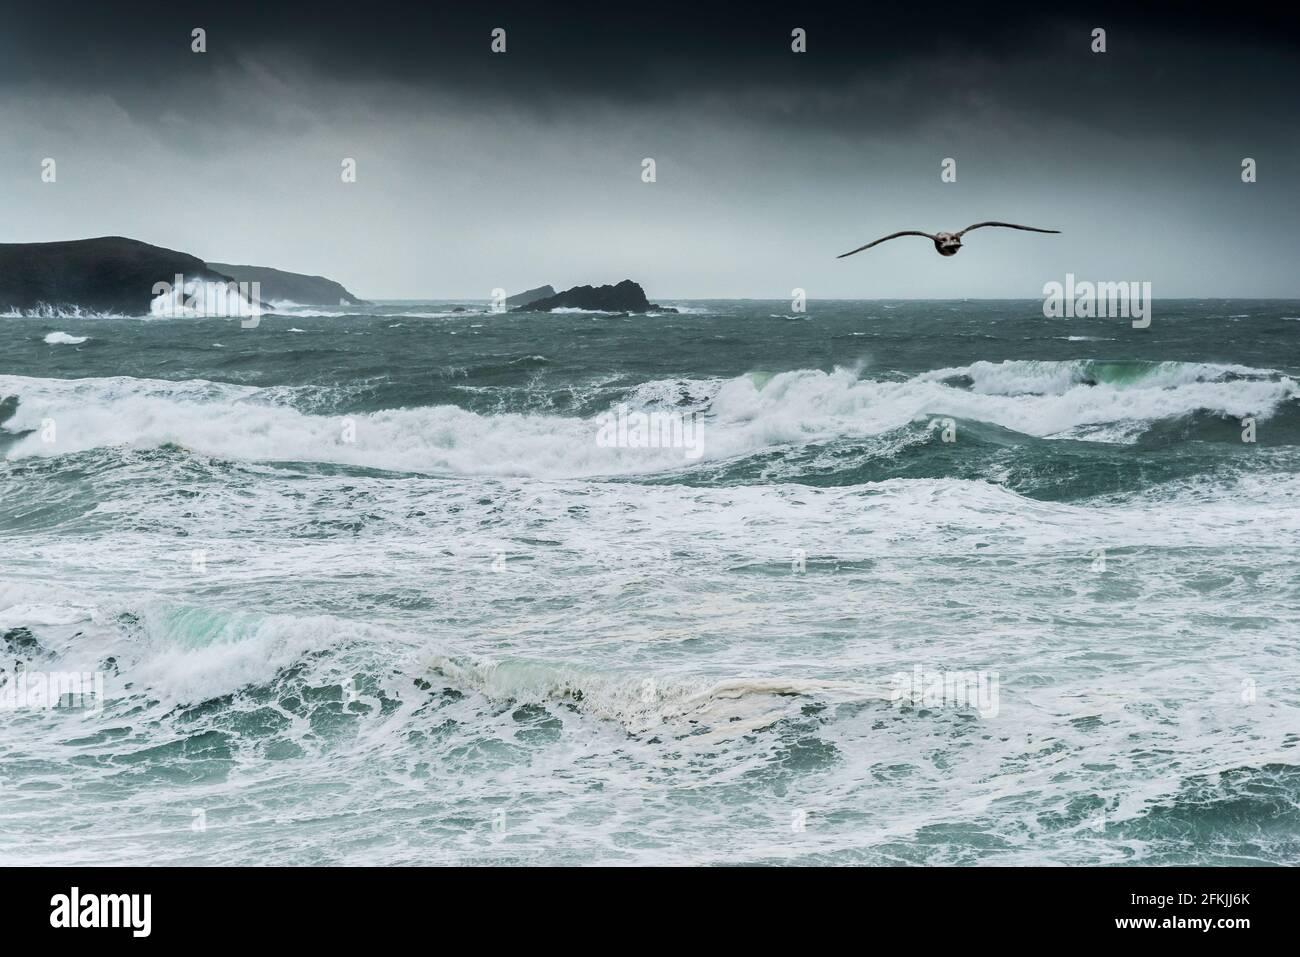 Un mouette volant au-dessus de mers agitées par temps orageux dans la baie de Fistral à Newquay, en Cornouailles. Banque D'Images